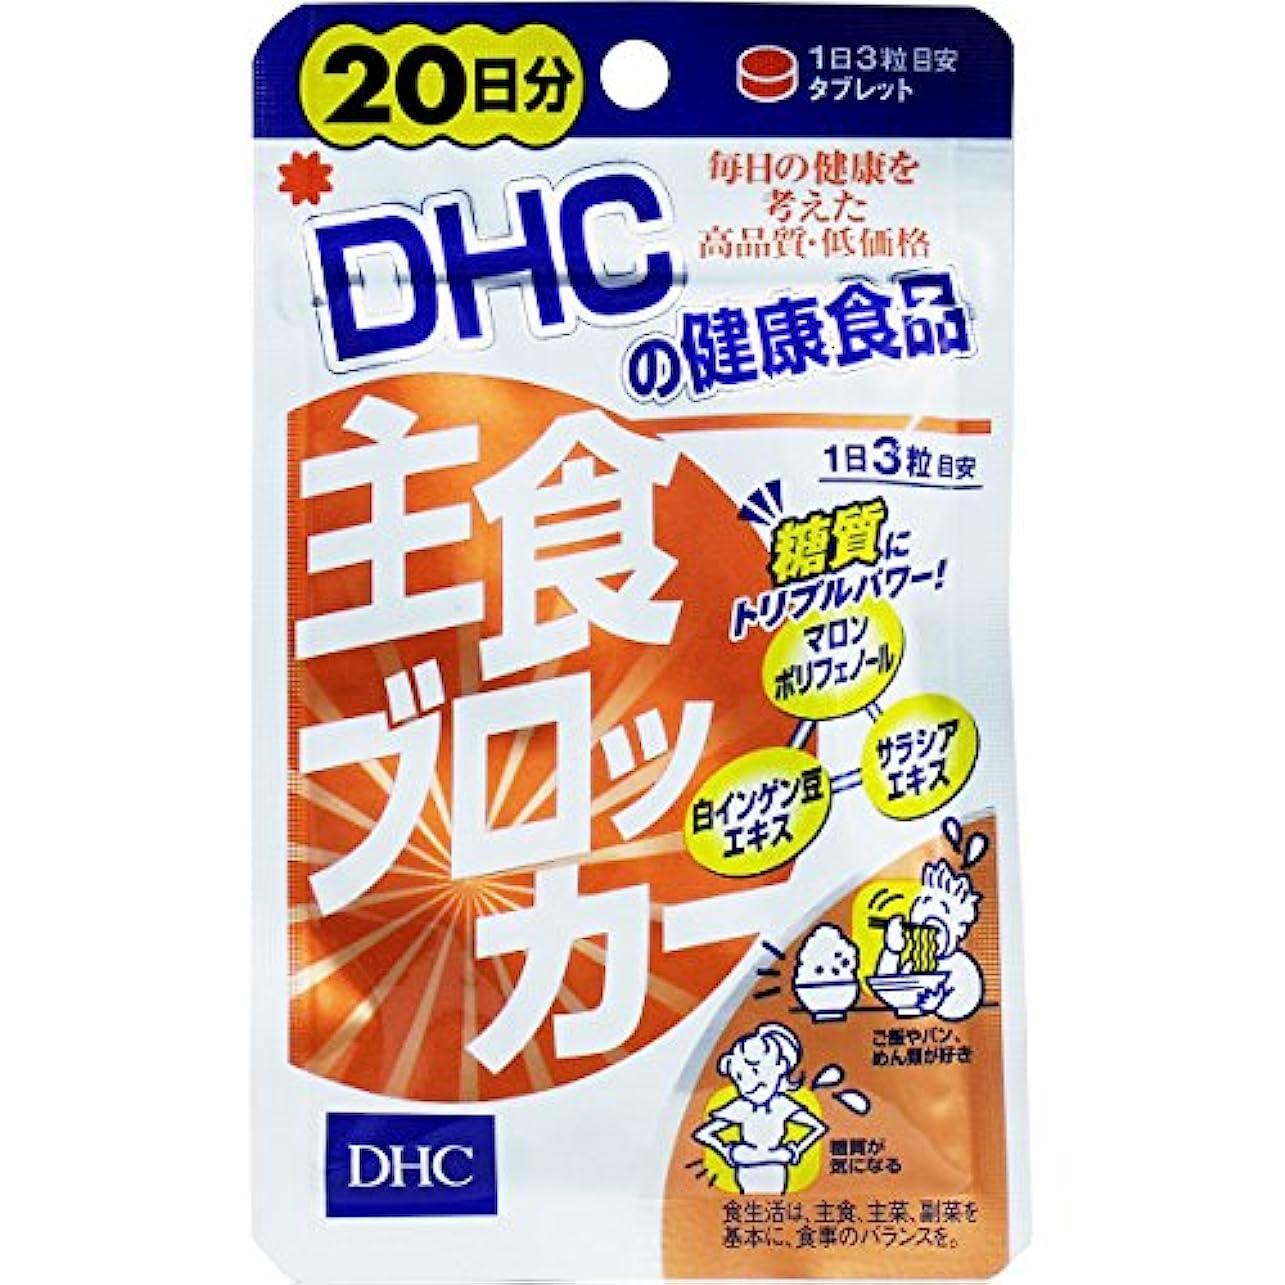 動物園柱政治家のDHC 主食ブロッカー 20日分 60粒(12g) ×5個セット